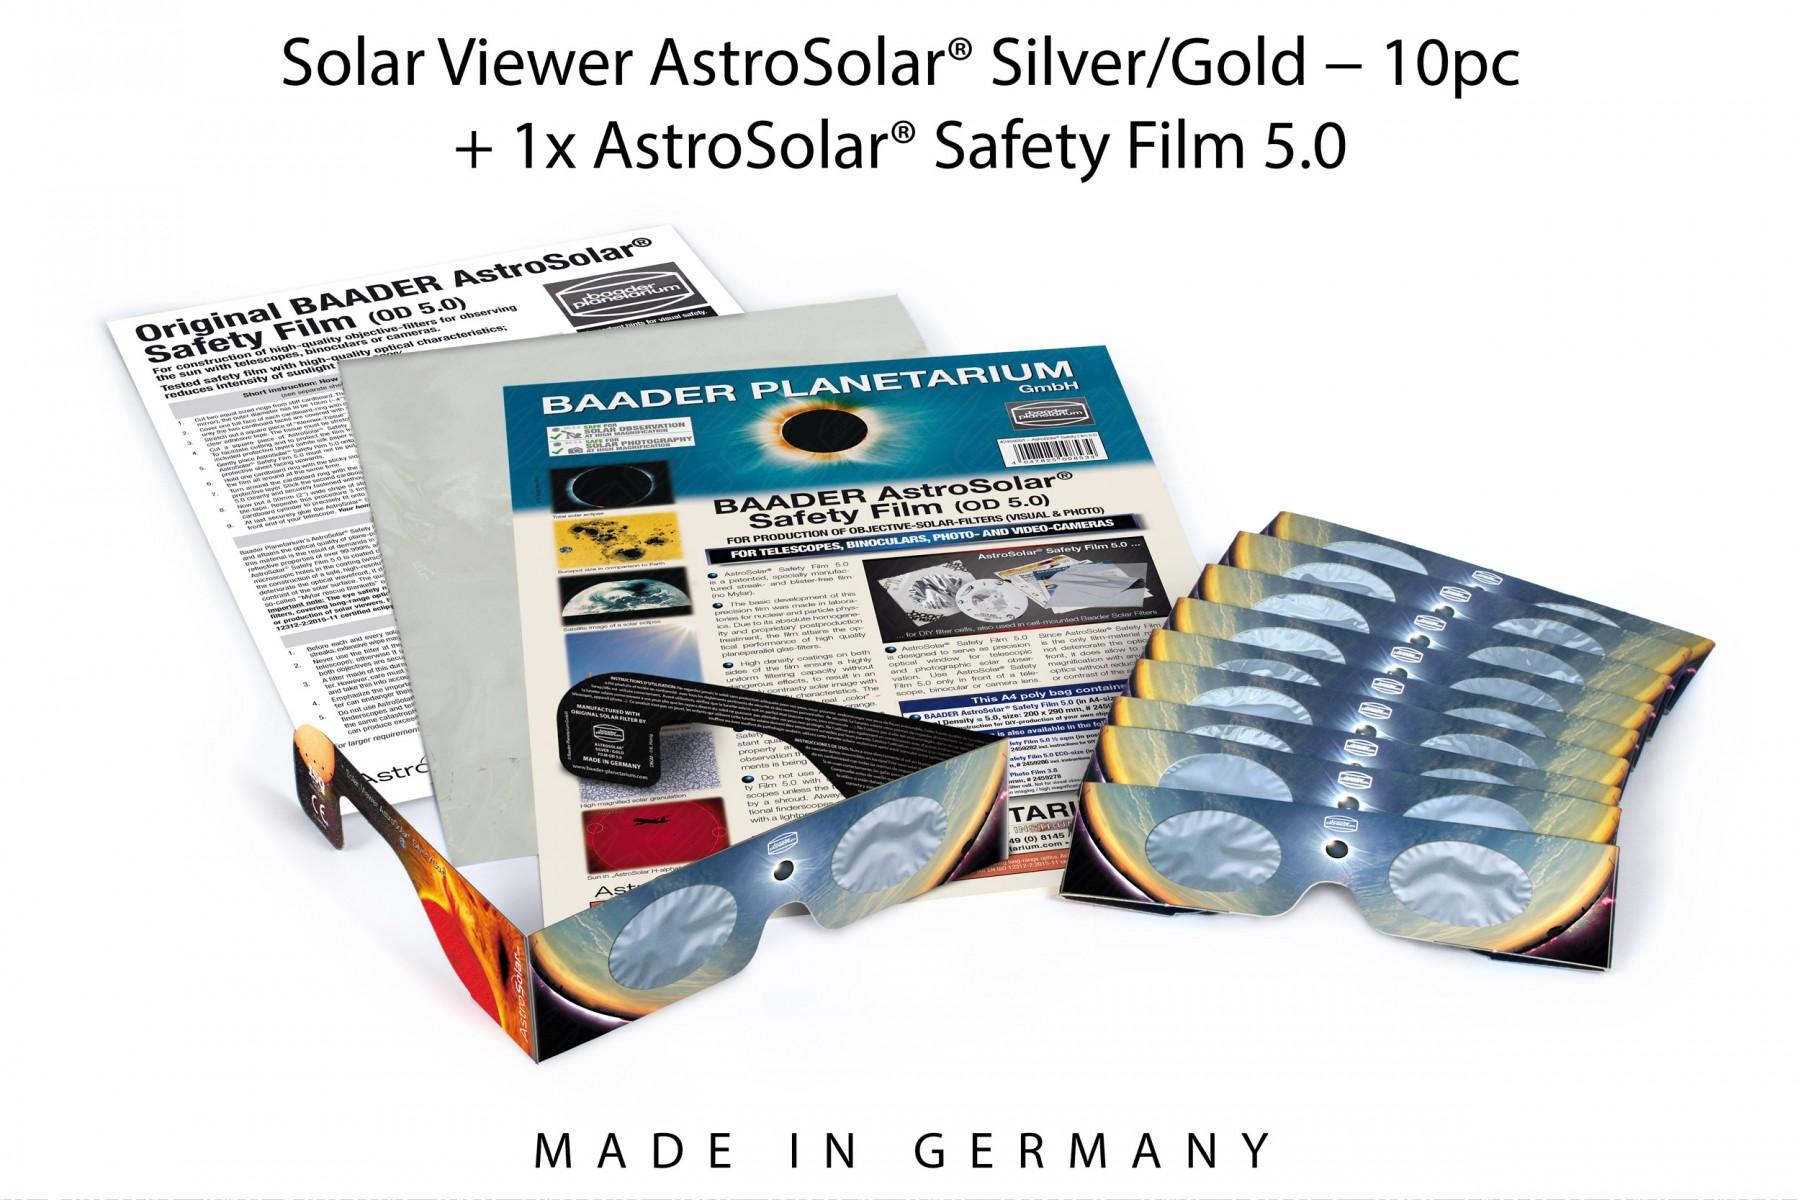 10pc Solar Viewer AstroSolar® Silver/Gold + 1x AstroSolar® Safety Film 5.0 - 20x29 cm